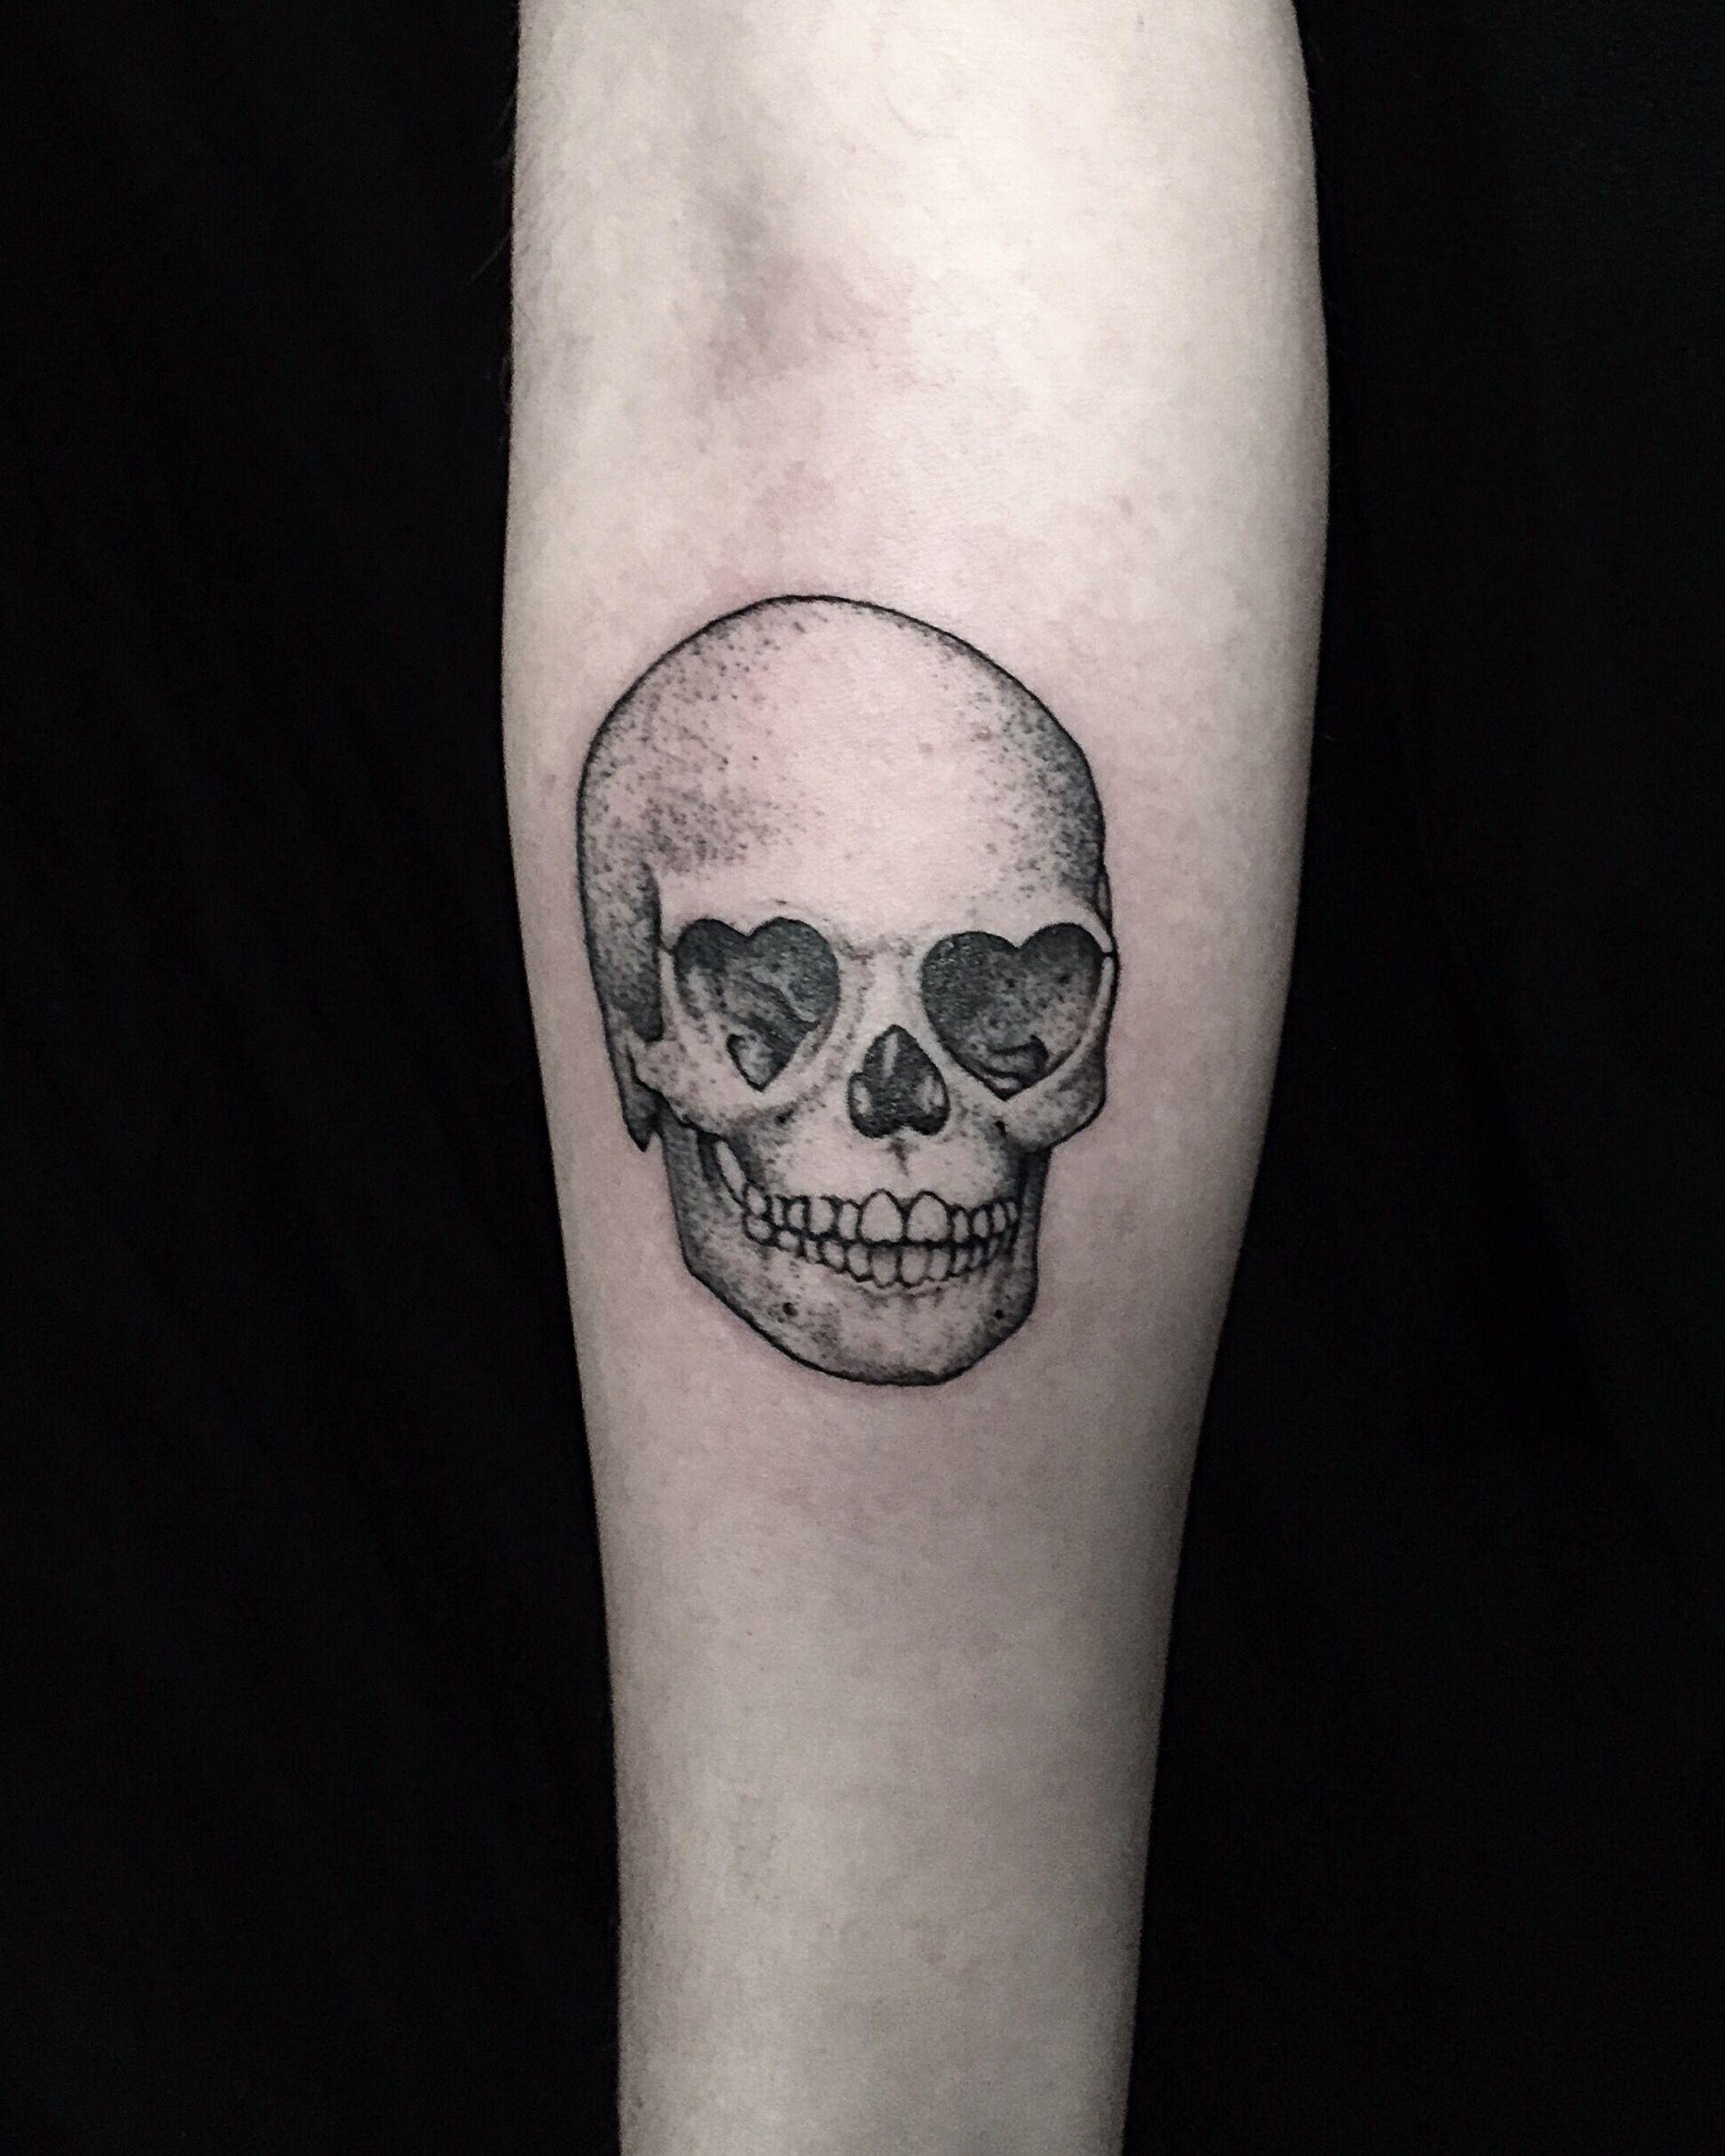 Heart Eyed Skull. #tattoo #losangeles #skull #hearts